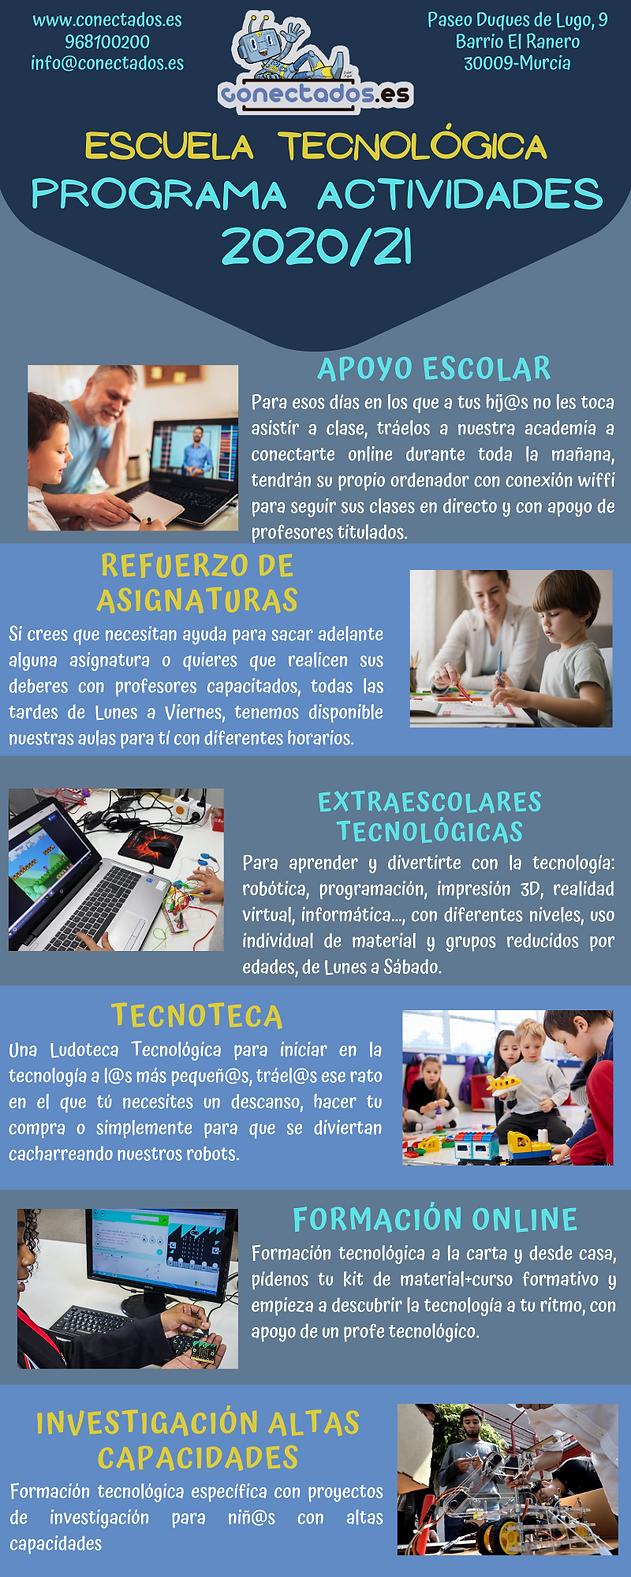 Programa actividades 2020_21.png